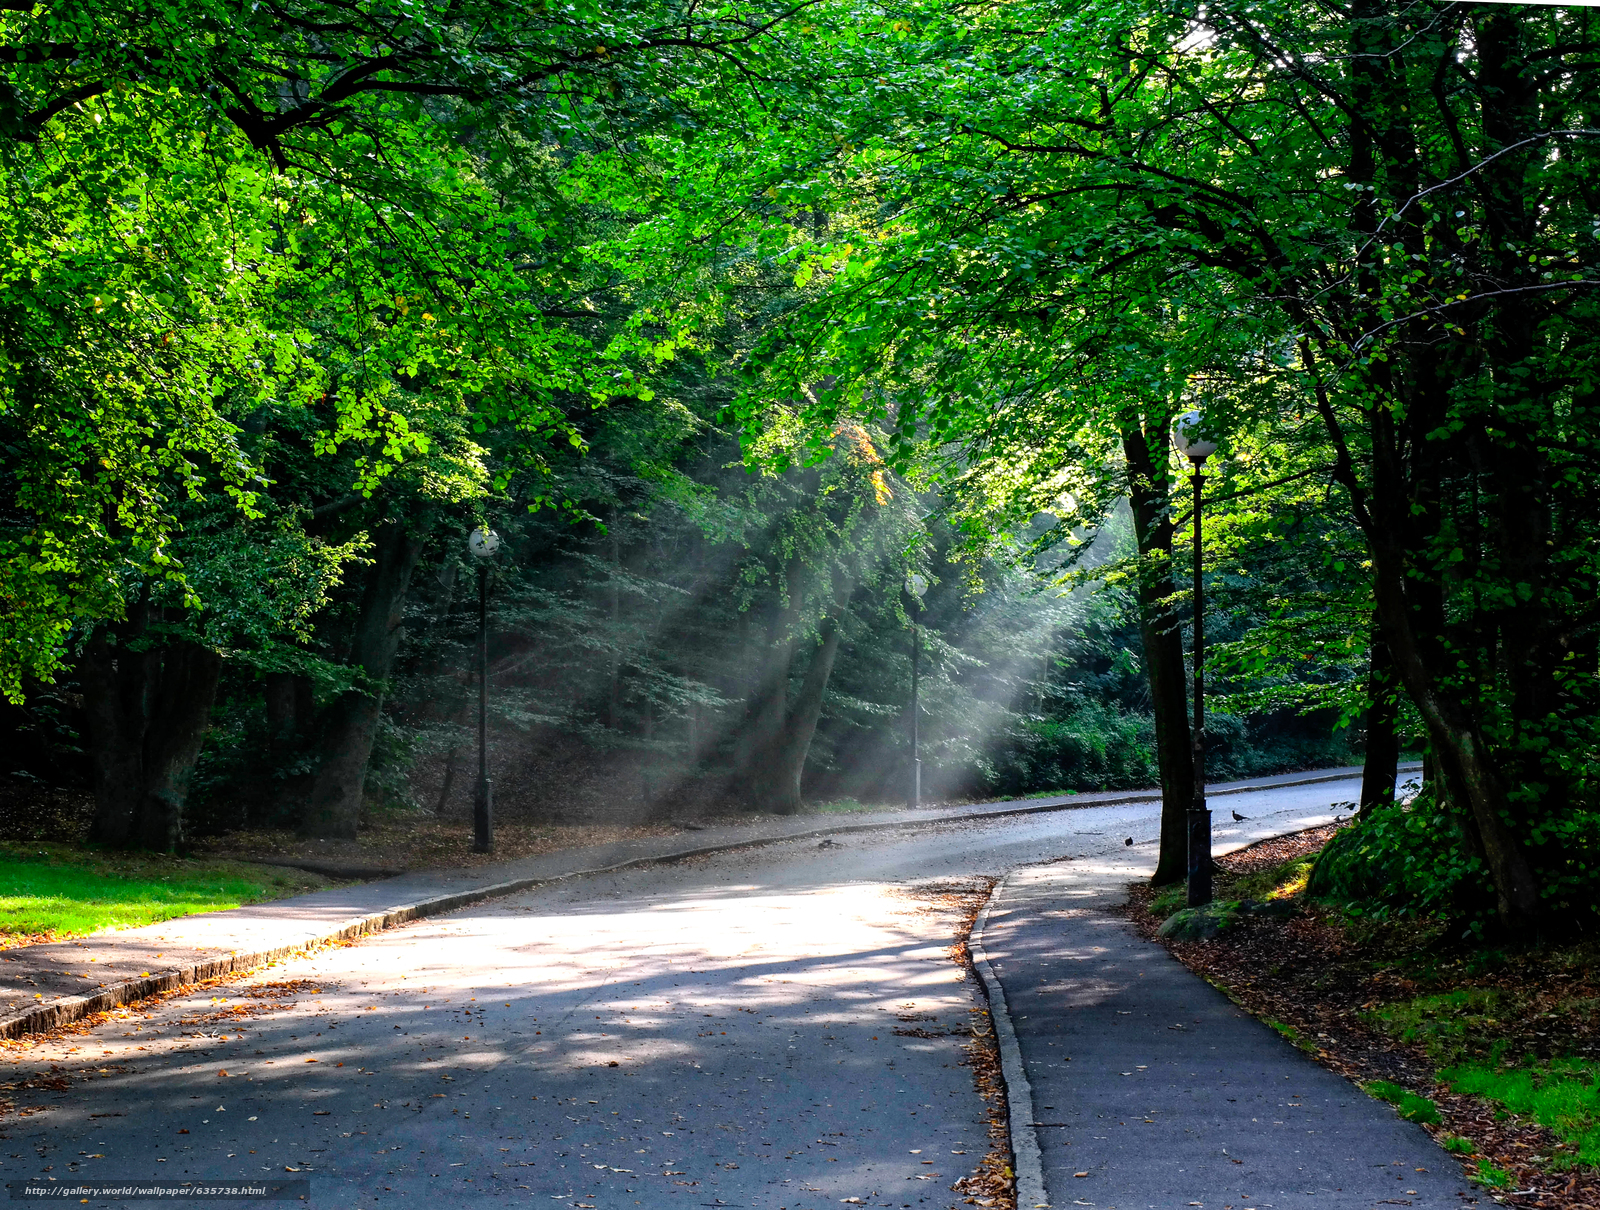 下载壁纸 森林,  树,  道路,  景观 免费为您的桌面分辨率的壁纸 4572x3458 — 图片 №635738